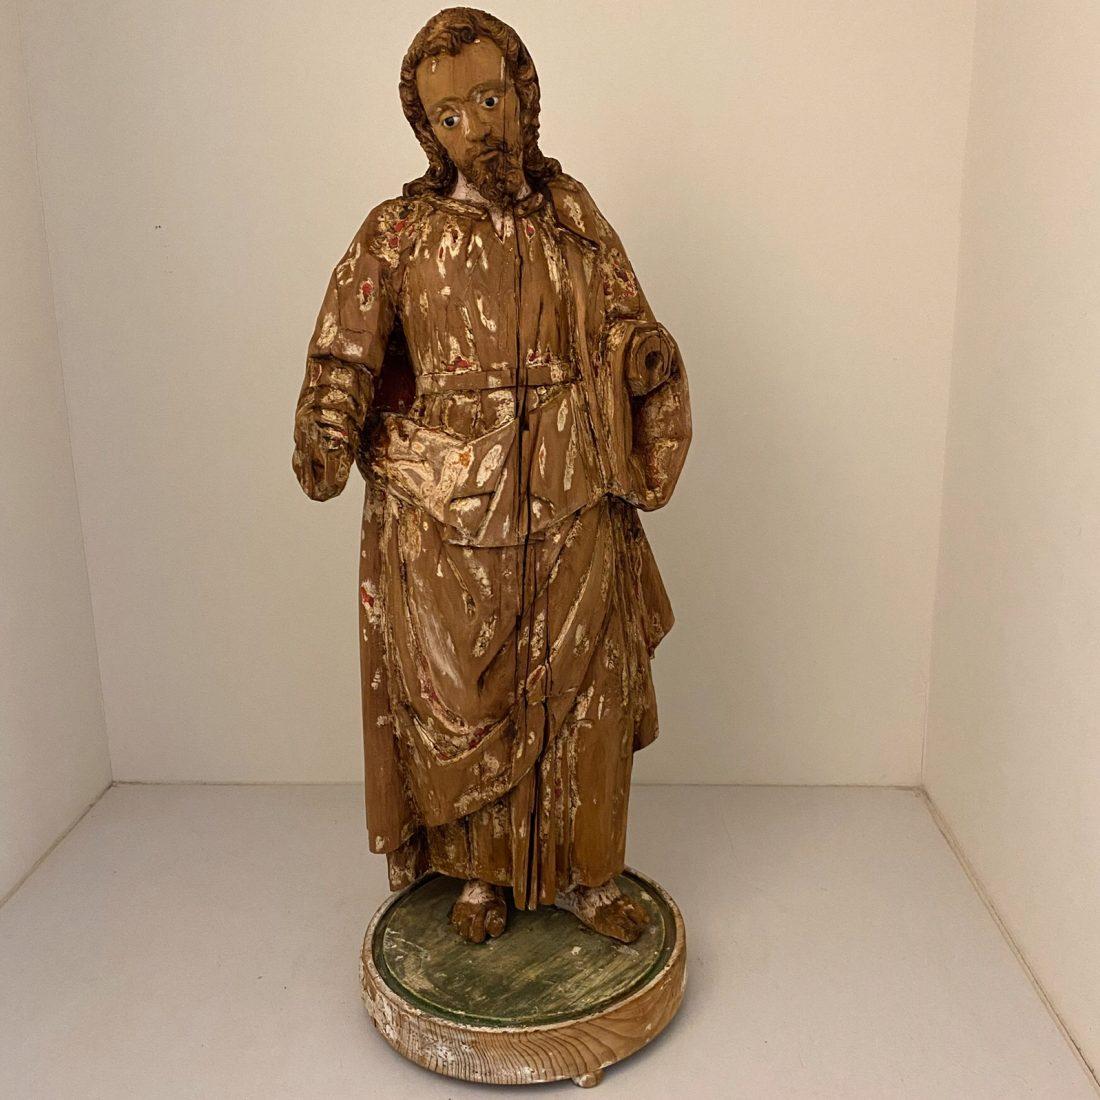 Lindehouten beeld van Jezus Christus, Italië, rond 1700